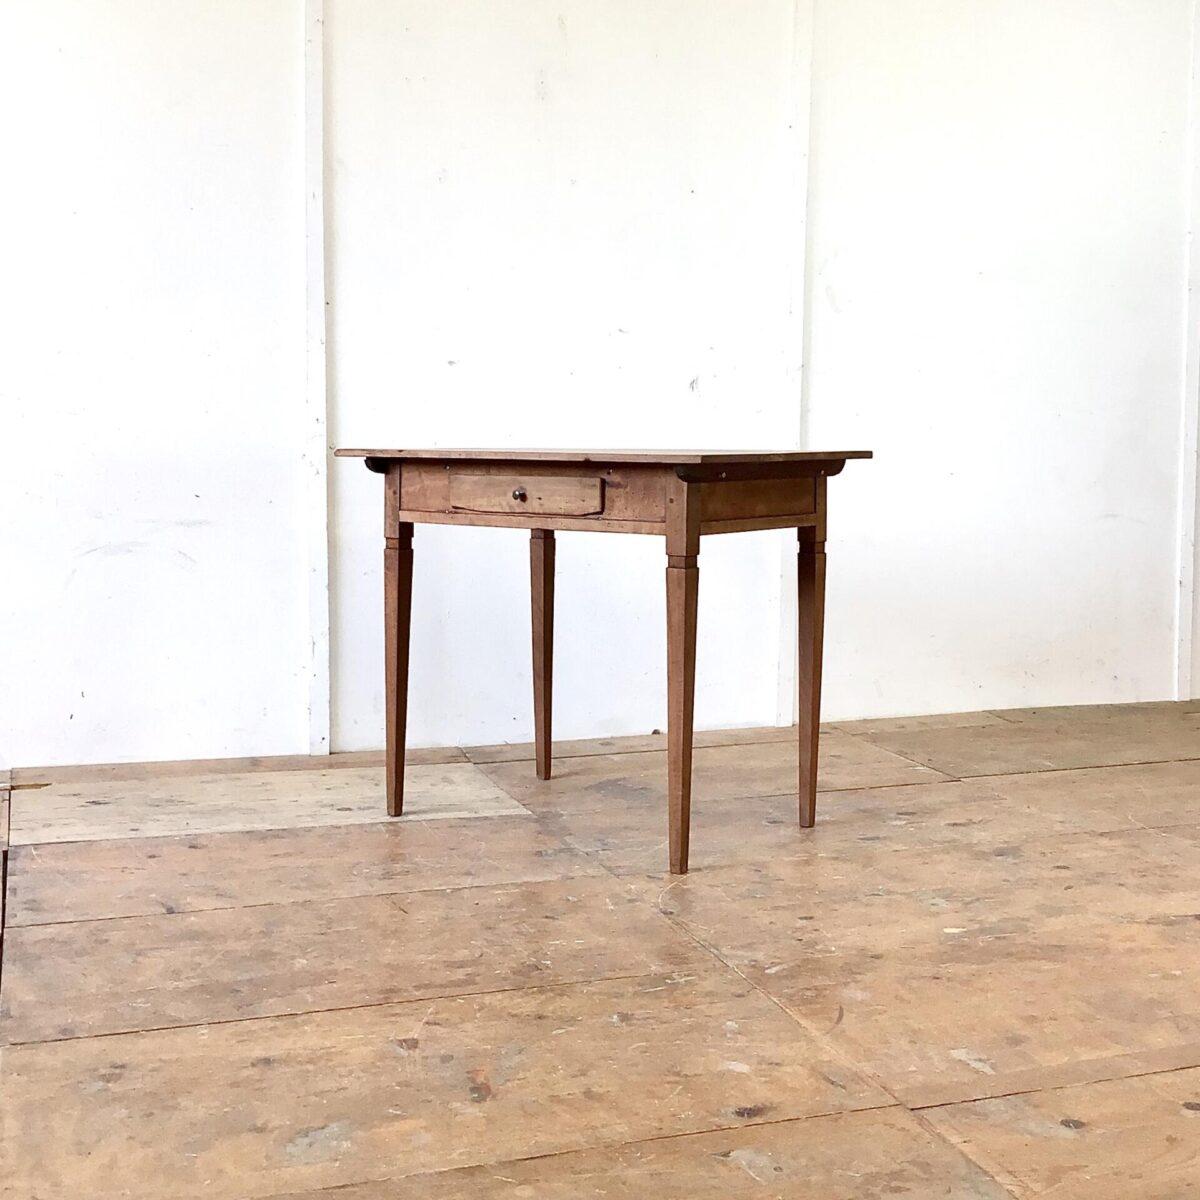 Deuxieme.shop Kleiner Biedermeier Schreibtisch mit Schublade aus Nussbaumholz. 88.5x61.5cm Höhe 74.5cm. Der Tisch hat deutliche Altersspuren wie das leicht unebene Tischblatt mit Wurmlöchern und Alterspatina. Oder die abgebrochenen Ecken der Schubladenfront. Die Beine sind frisch verleimt und wieder stabil. Die Holz Oberflächen sind komplett geschliffen und mit Naturöl behandelt.